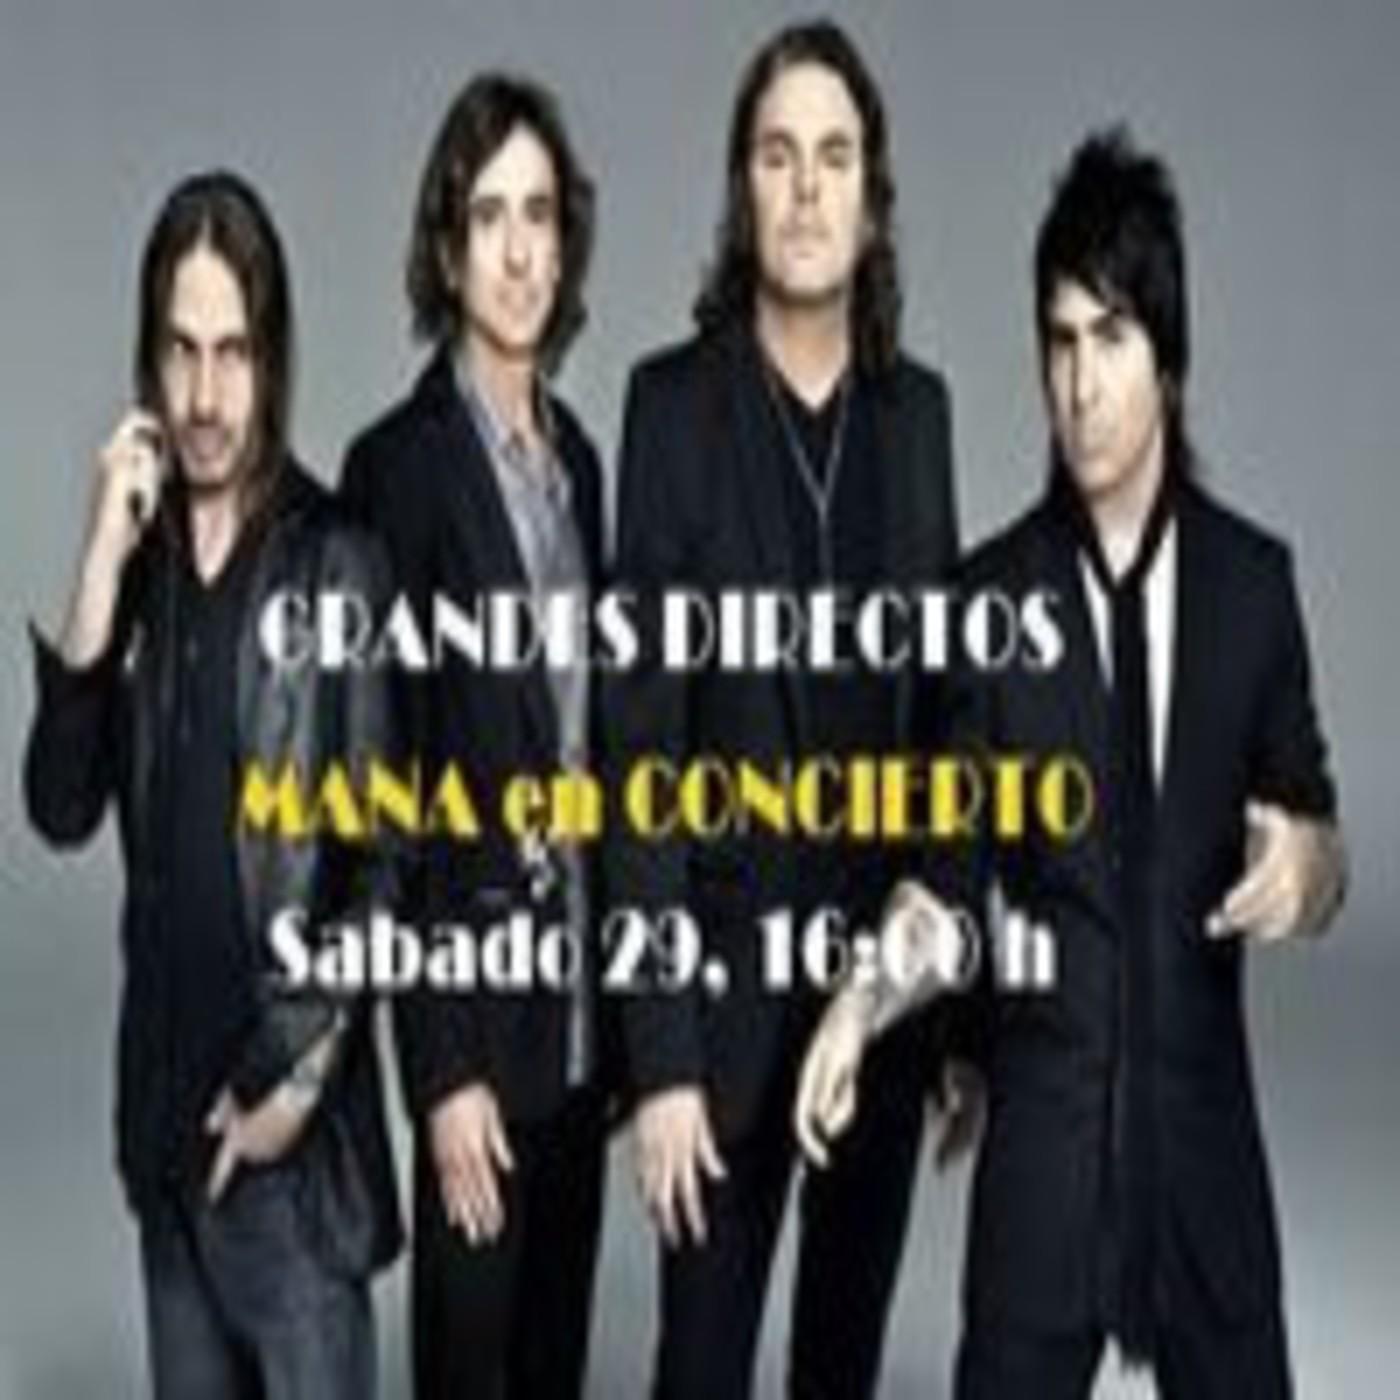 Mana en Concierto (Emisión 29/09/2012)